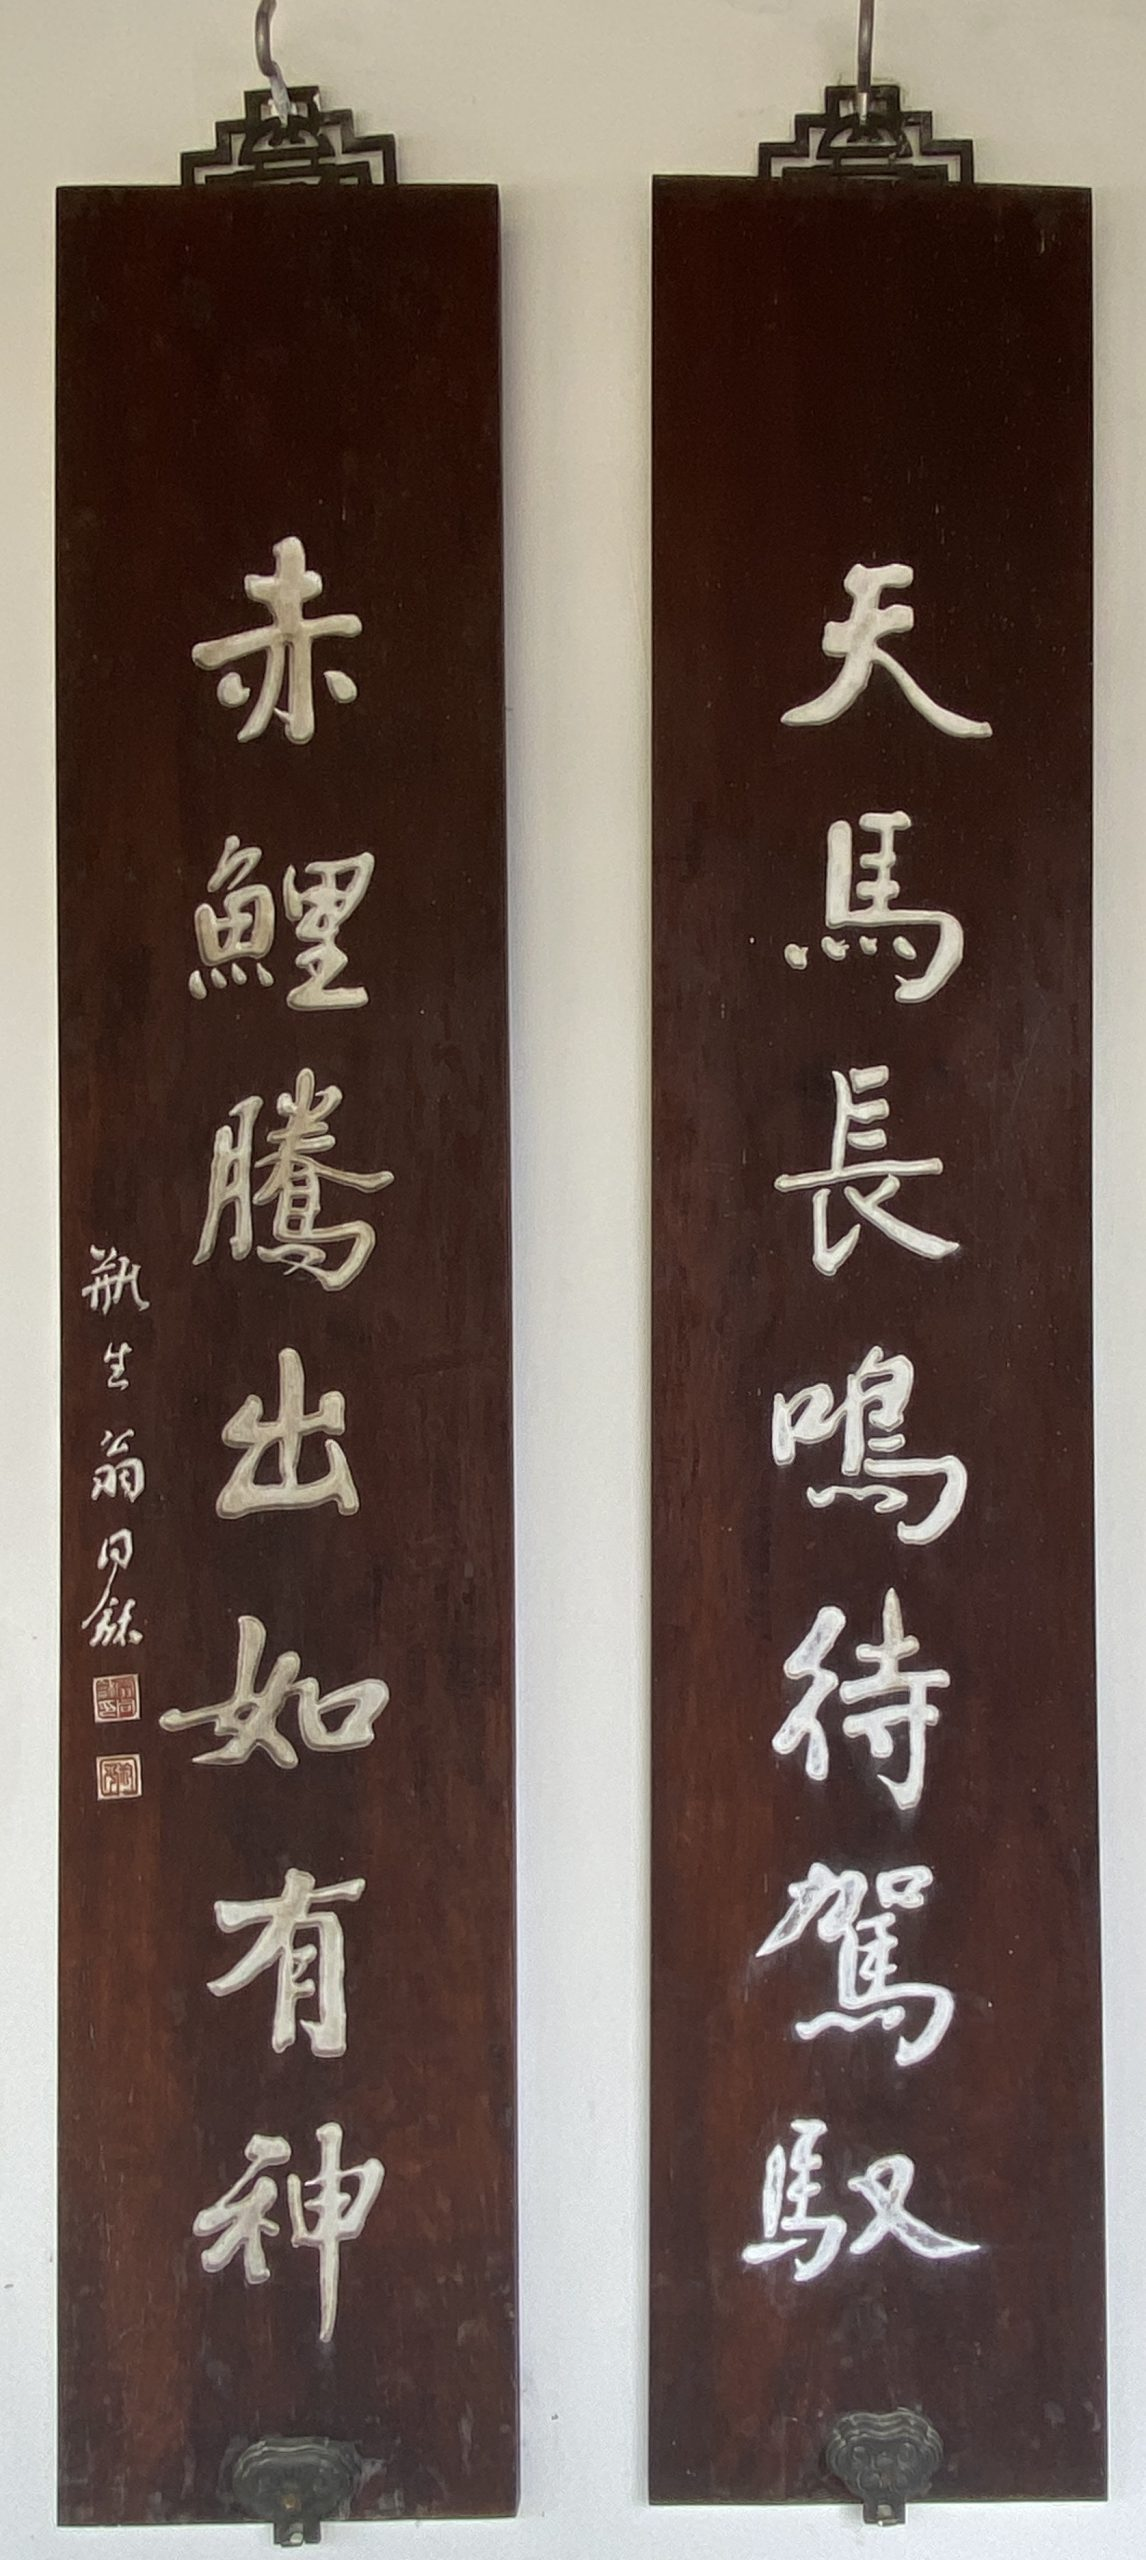 集杜句聯-杜詩書法木刻廊-浣花溪公園-成都杜甫草堂博物館-書:清-翁同龢